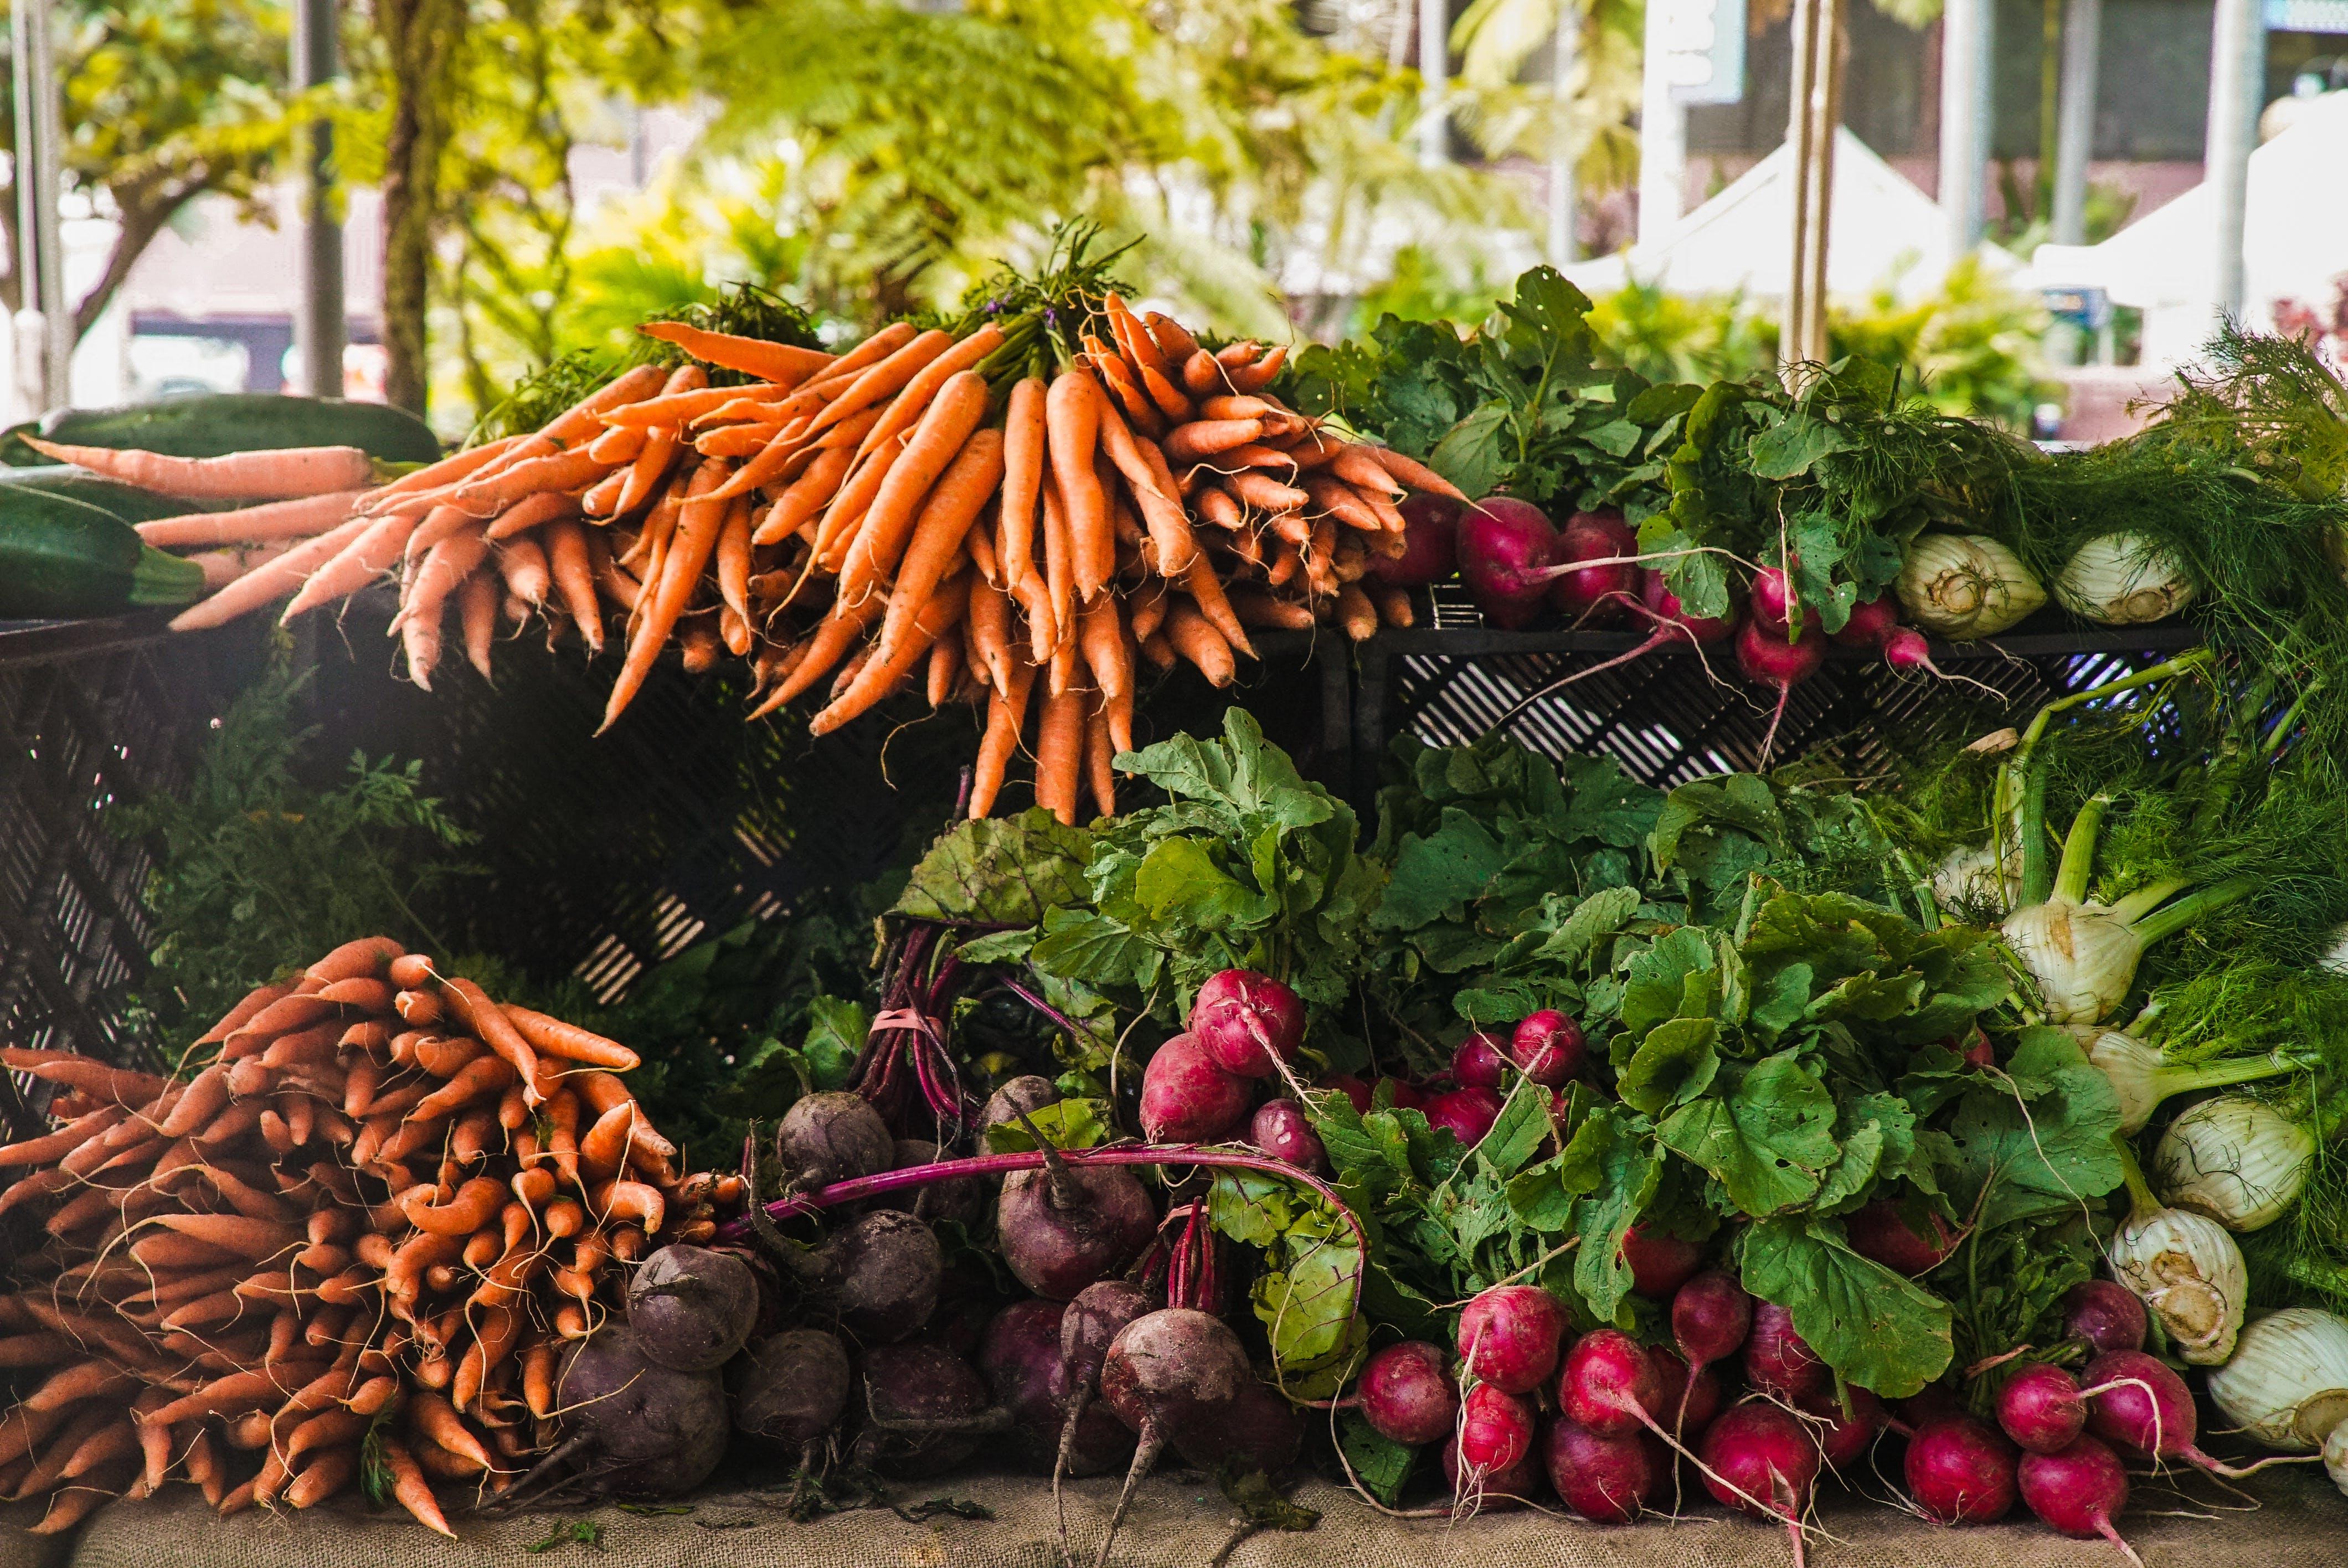 Fotos de stock gratuitas de comida, Fresco, mercado, rábano